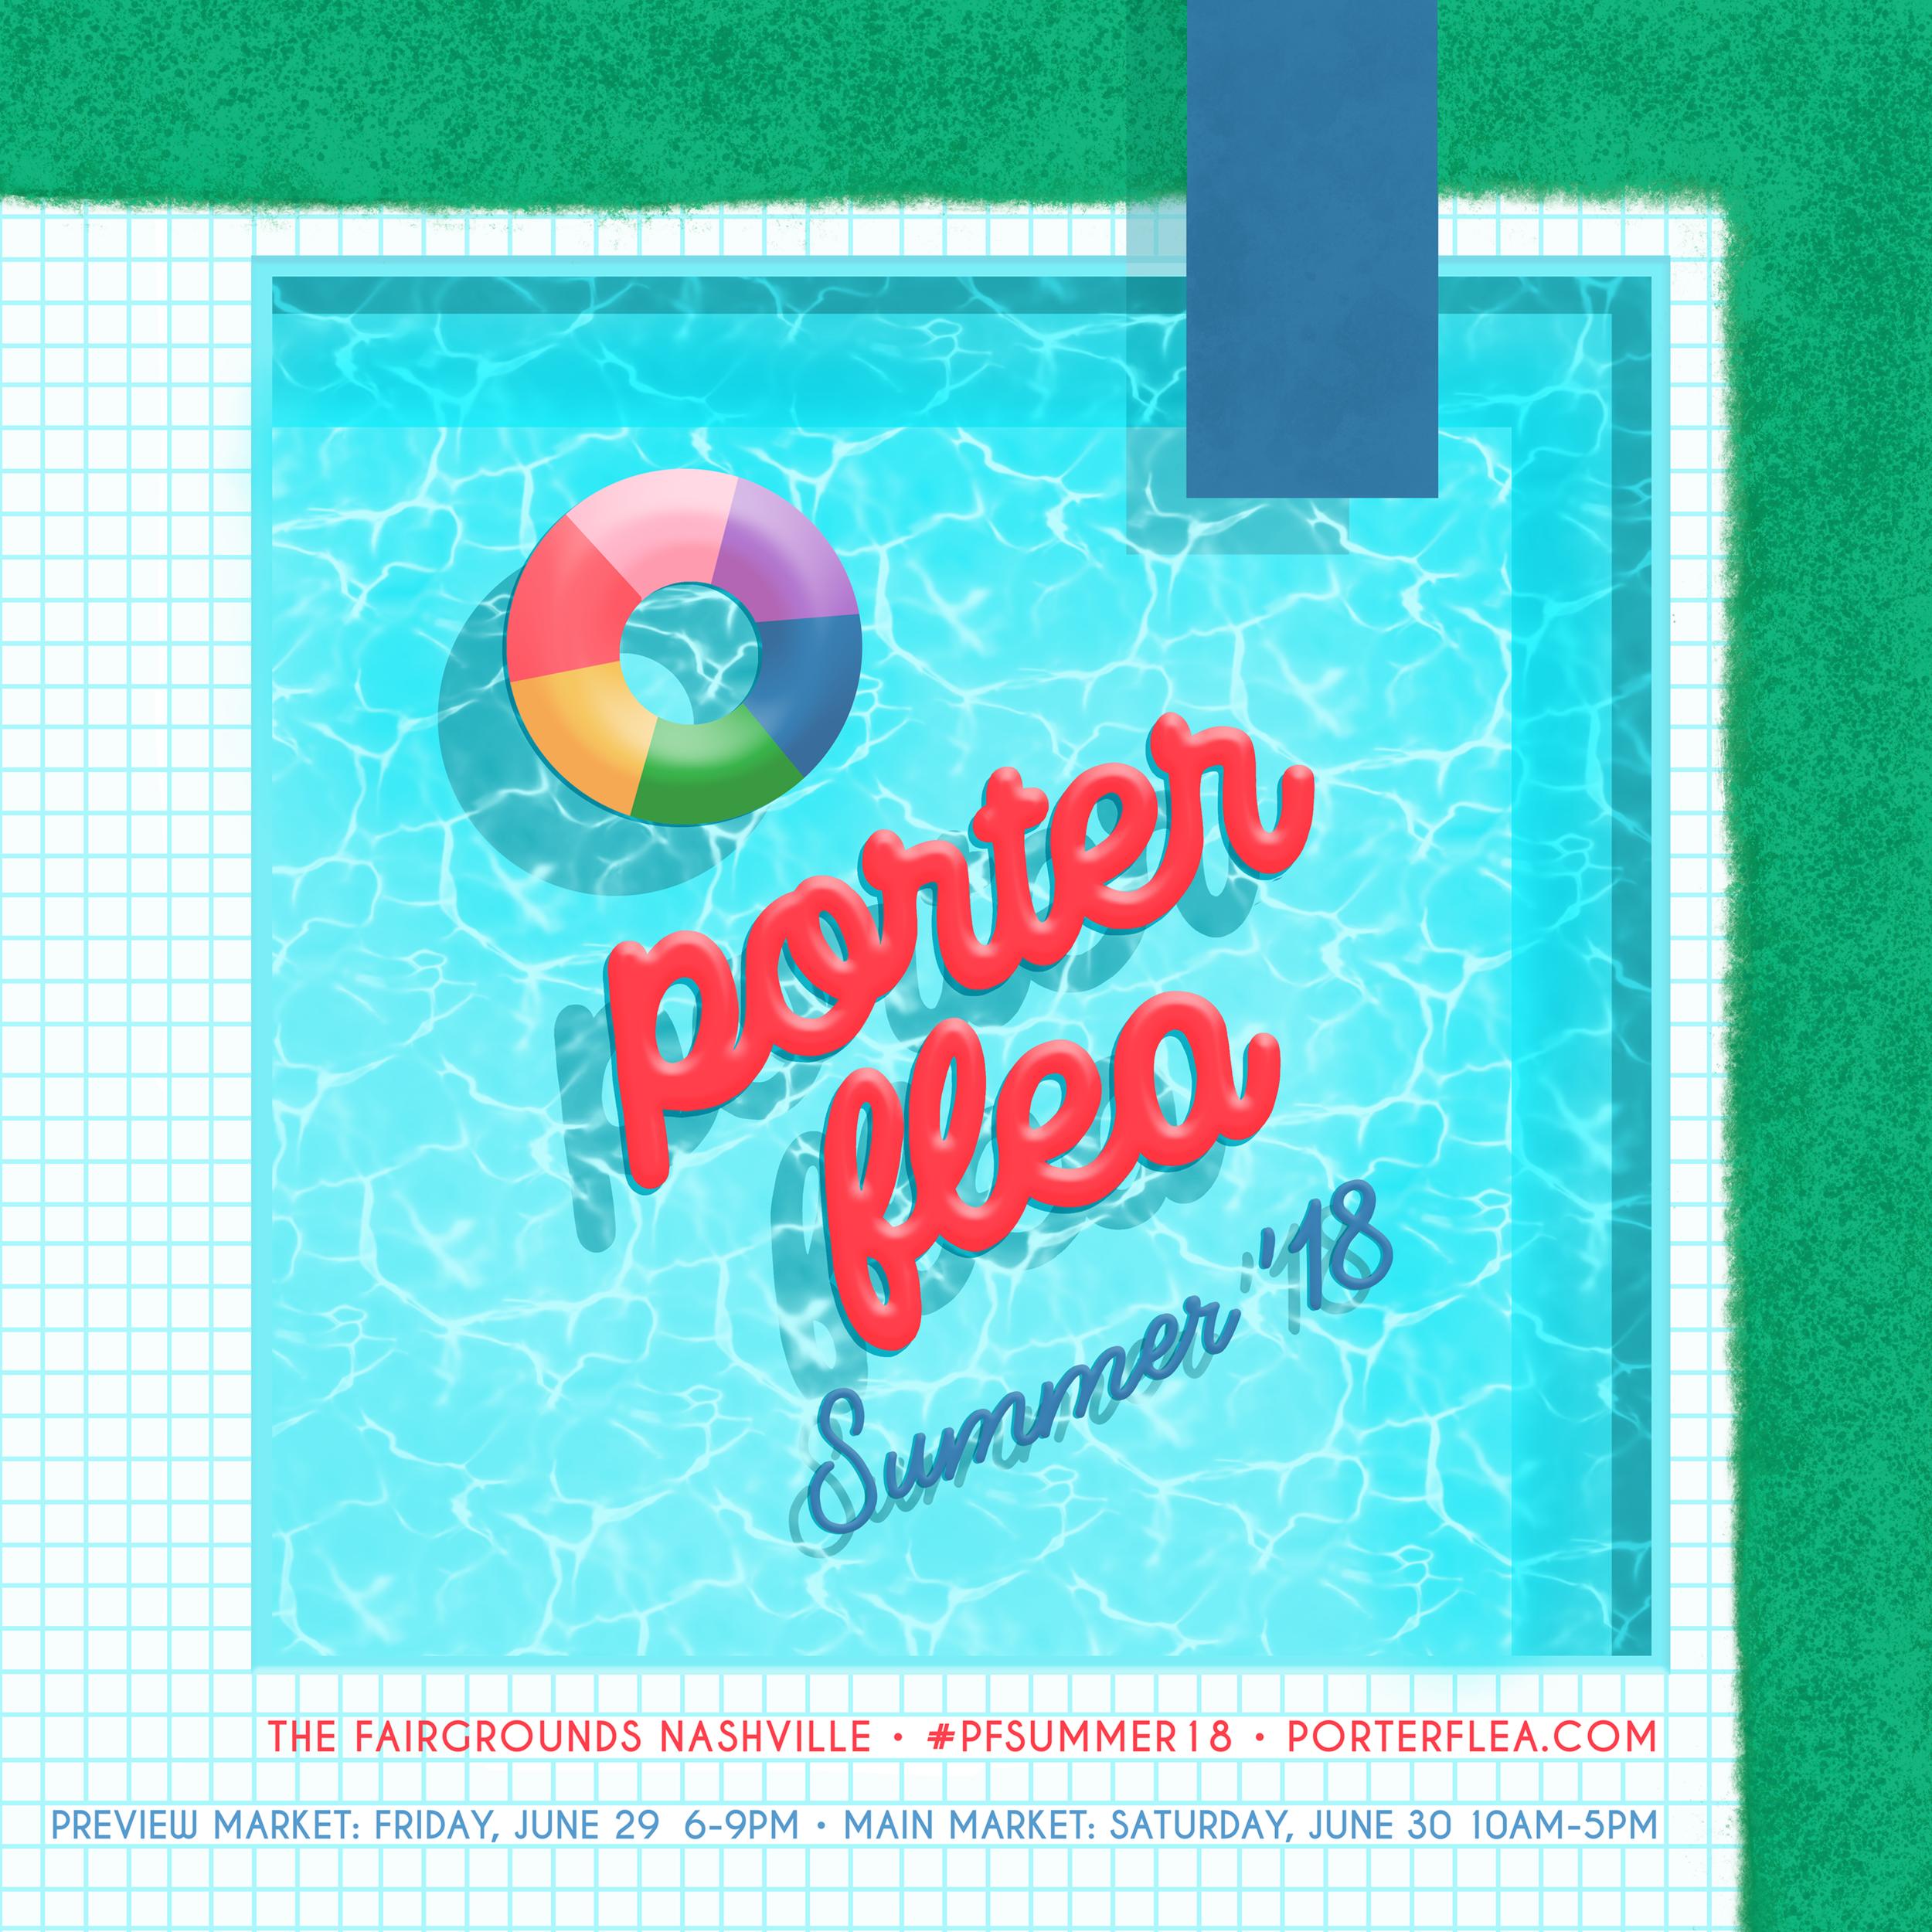 PorterFlea2018b.jpg